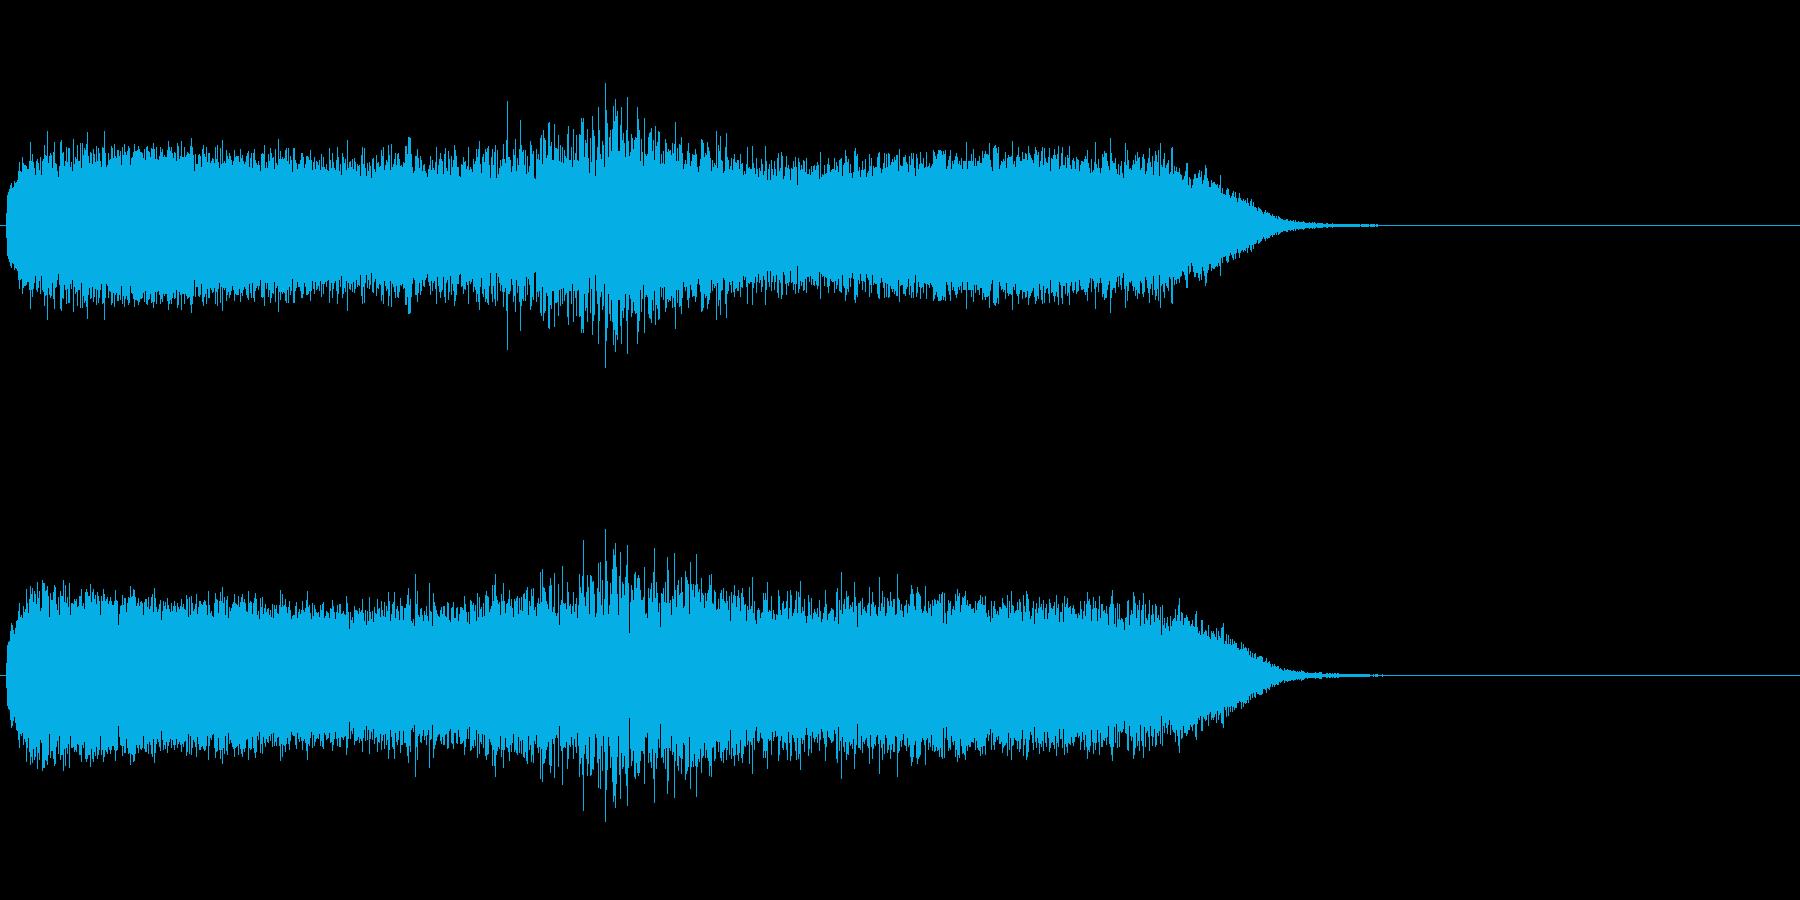 「ギューン!」レーザービーム発射4の再生済みの波形